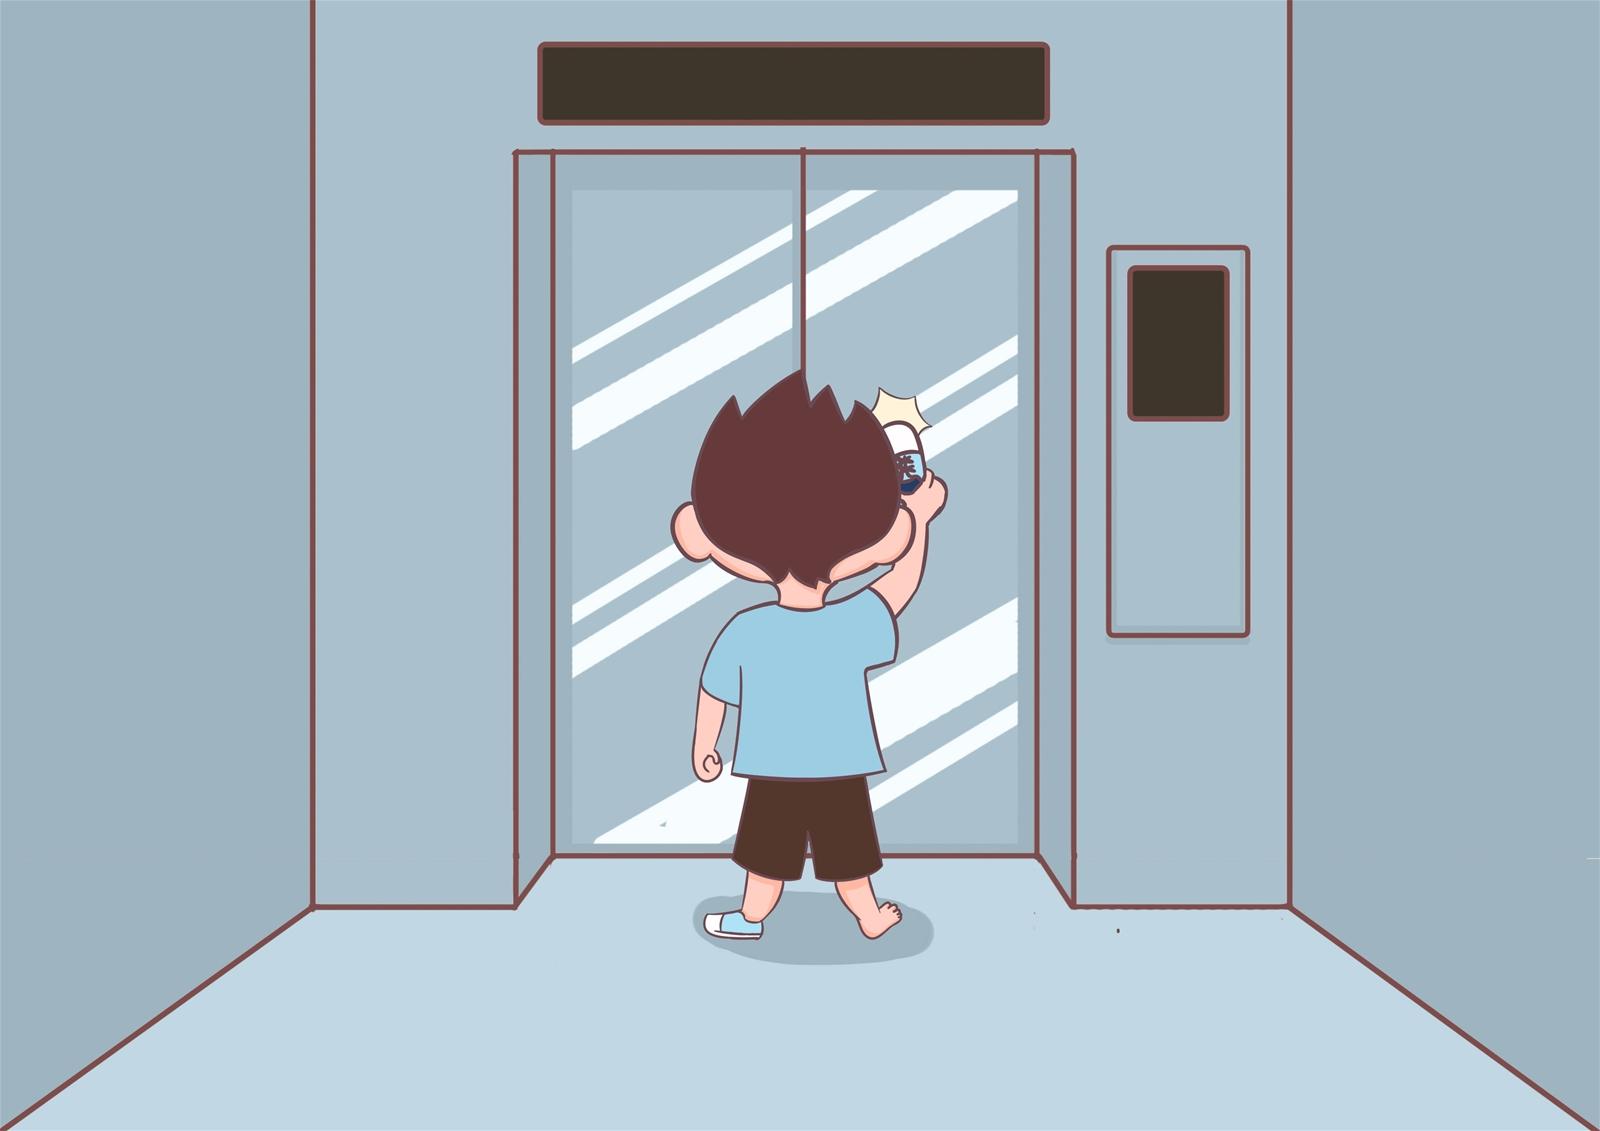 注意!这些电梯知识您知道的可能都是错的